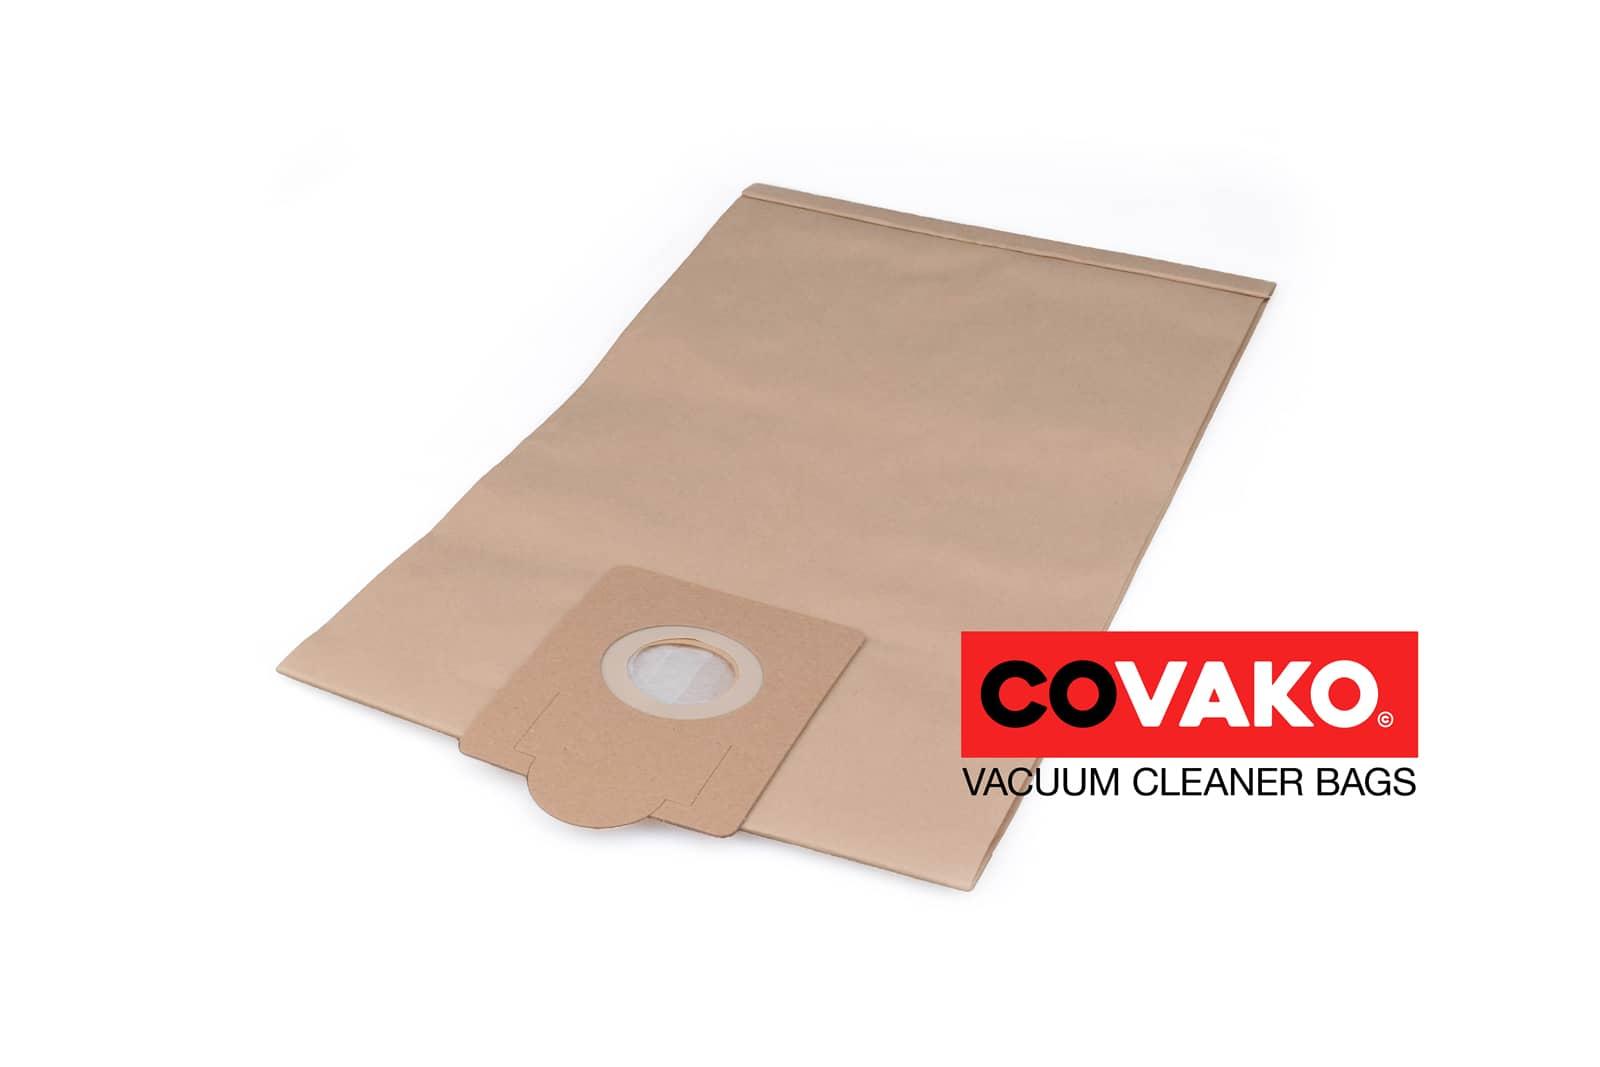 Elsea ares ADP 105 / Papier - Elsea sacs d'aspirateur